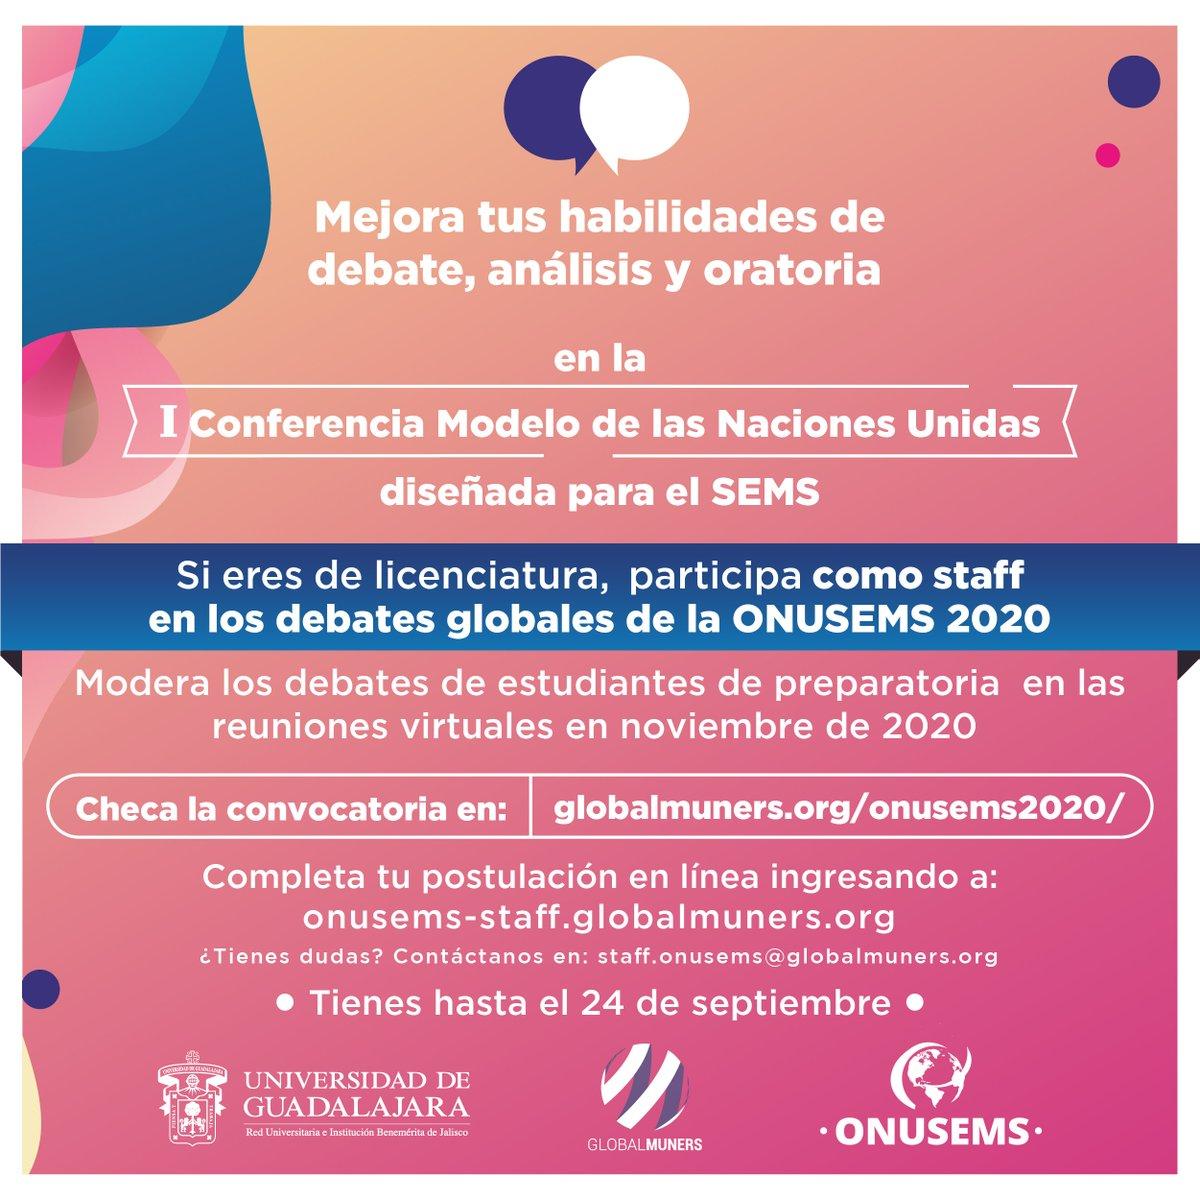 ¡Aún estás a tiempo! 📢 Hoy es el último día para registrarte como staff en #ONUSEMS2020, nuestra primera Conferencia Modelo de las Naciones Unidas. 🙋♀️🙋♂️  Inscríbete en ➡️ https://t.co/OsXqGbCY0M https://t.co/FCjiYesNtz